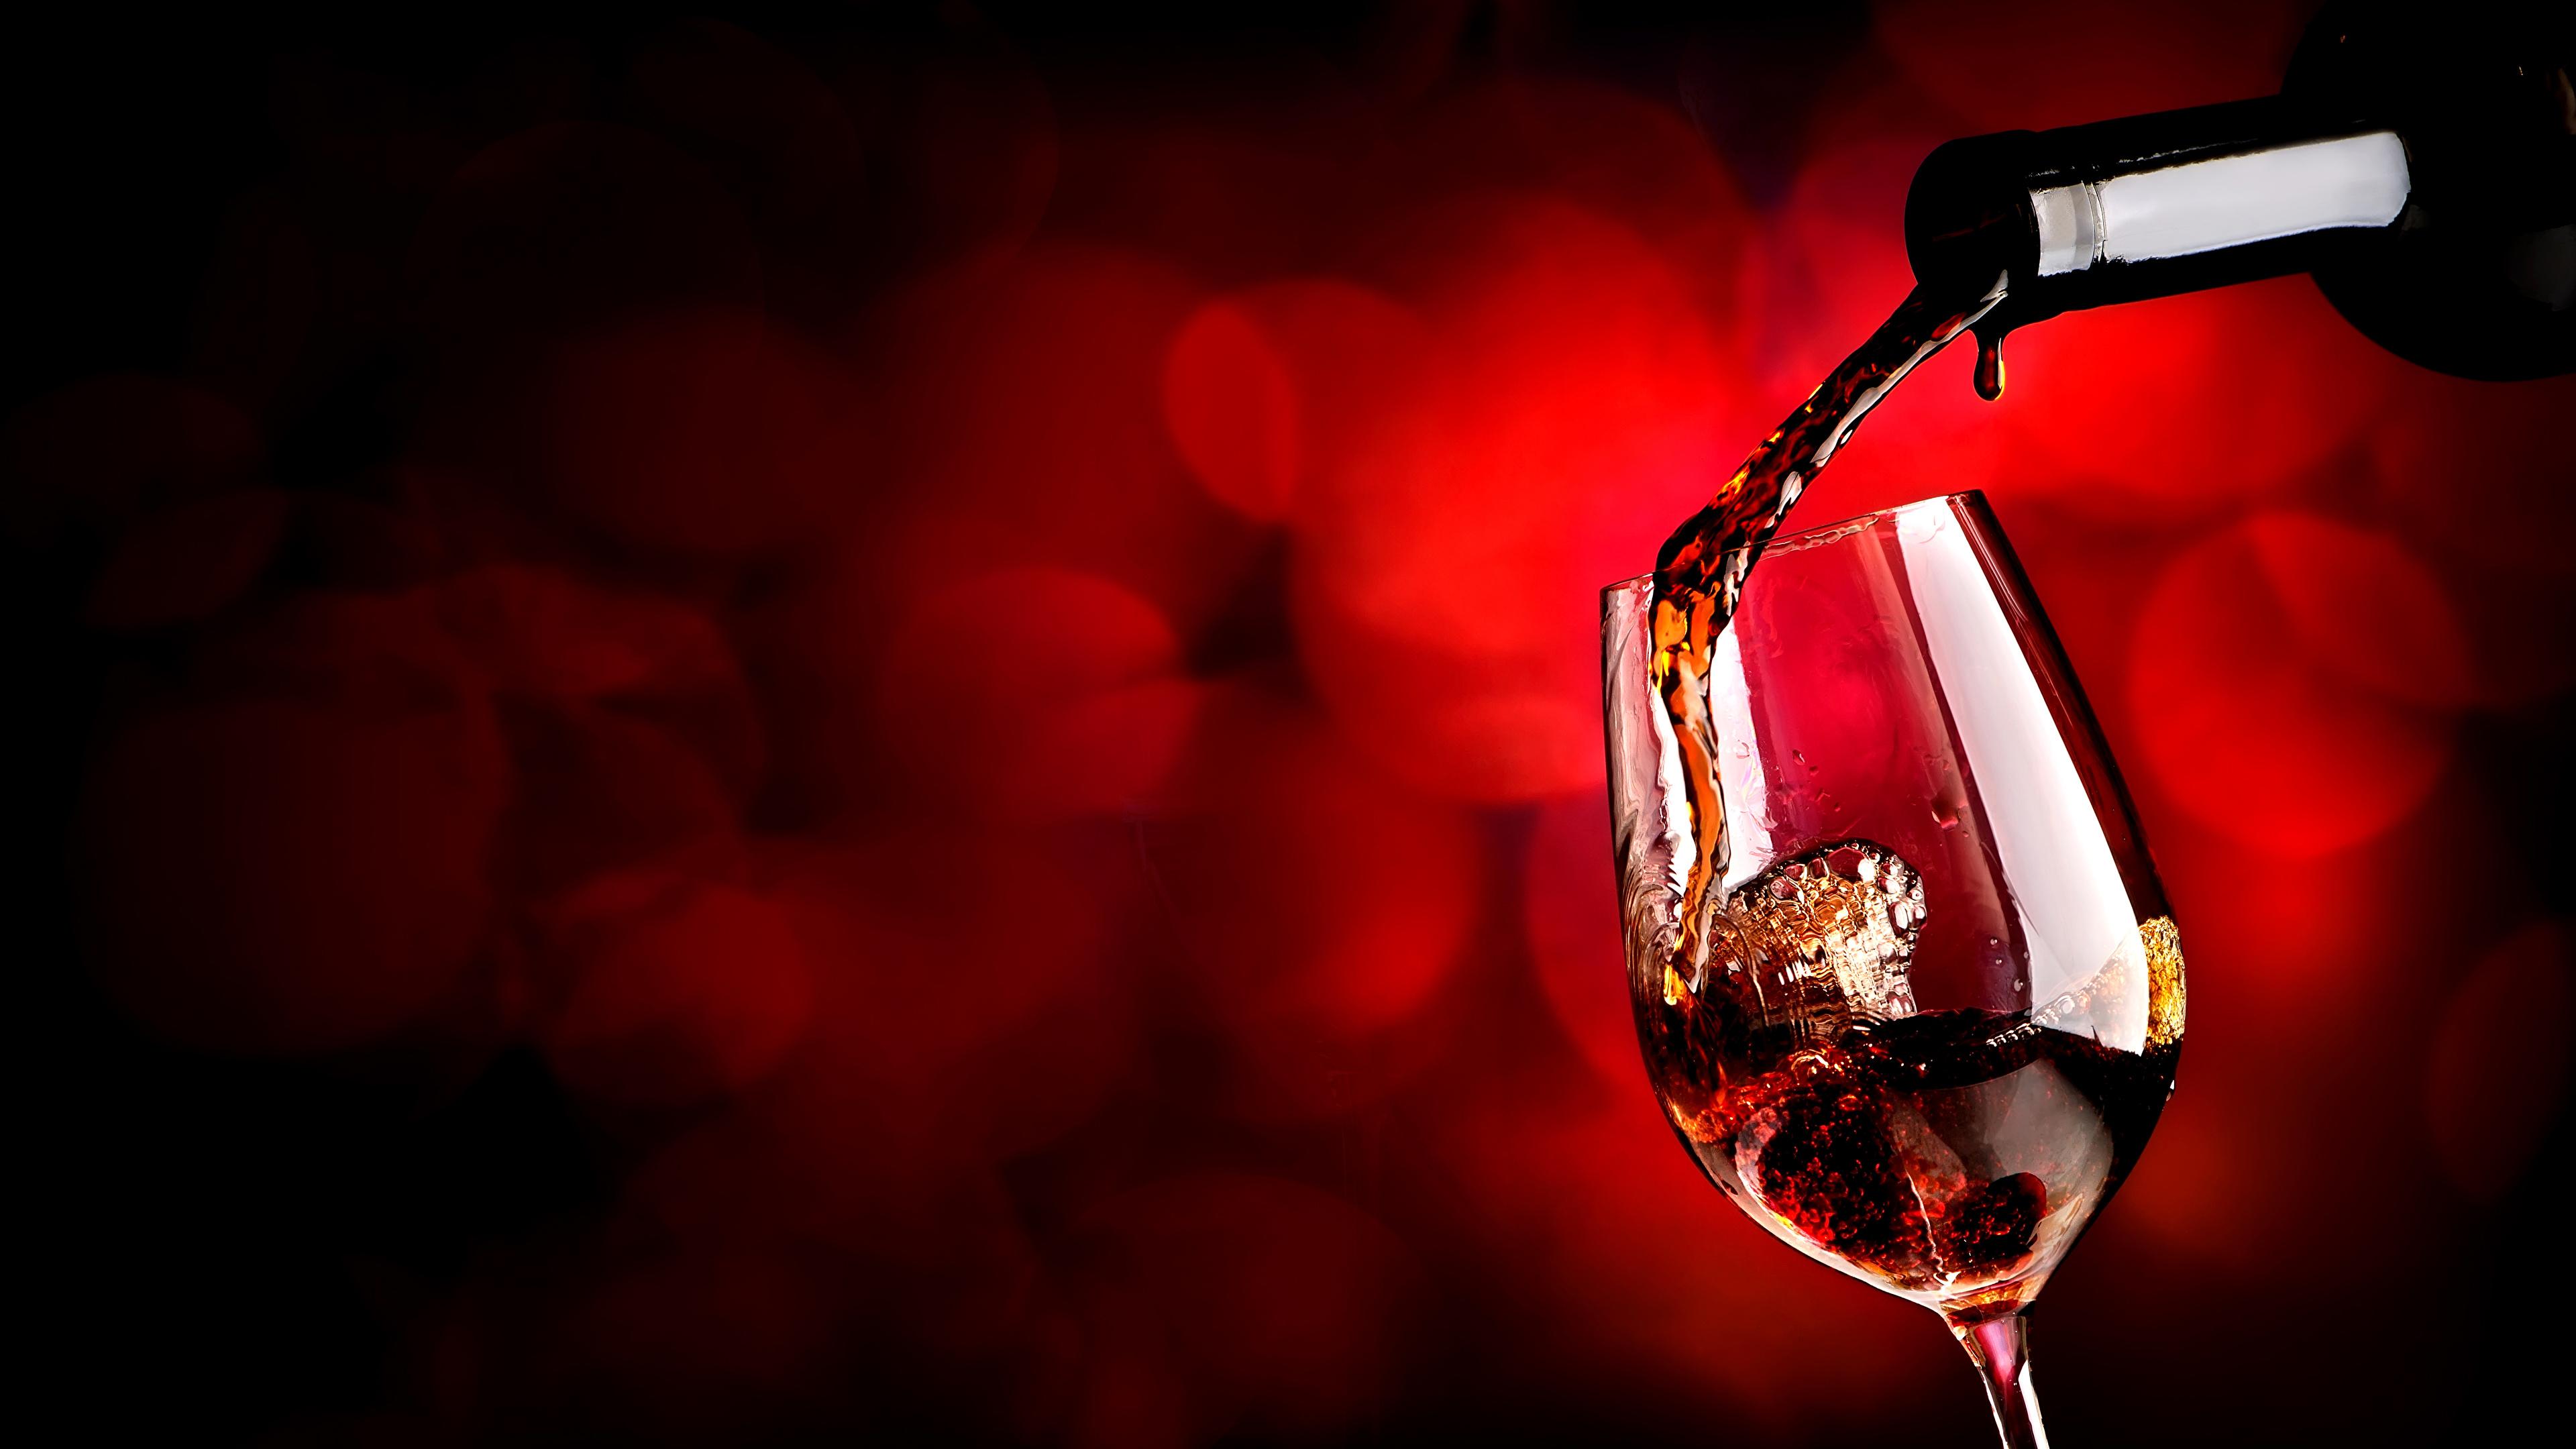 Wine_Stemware_547261_3840x2160